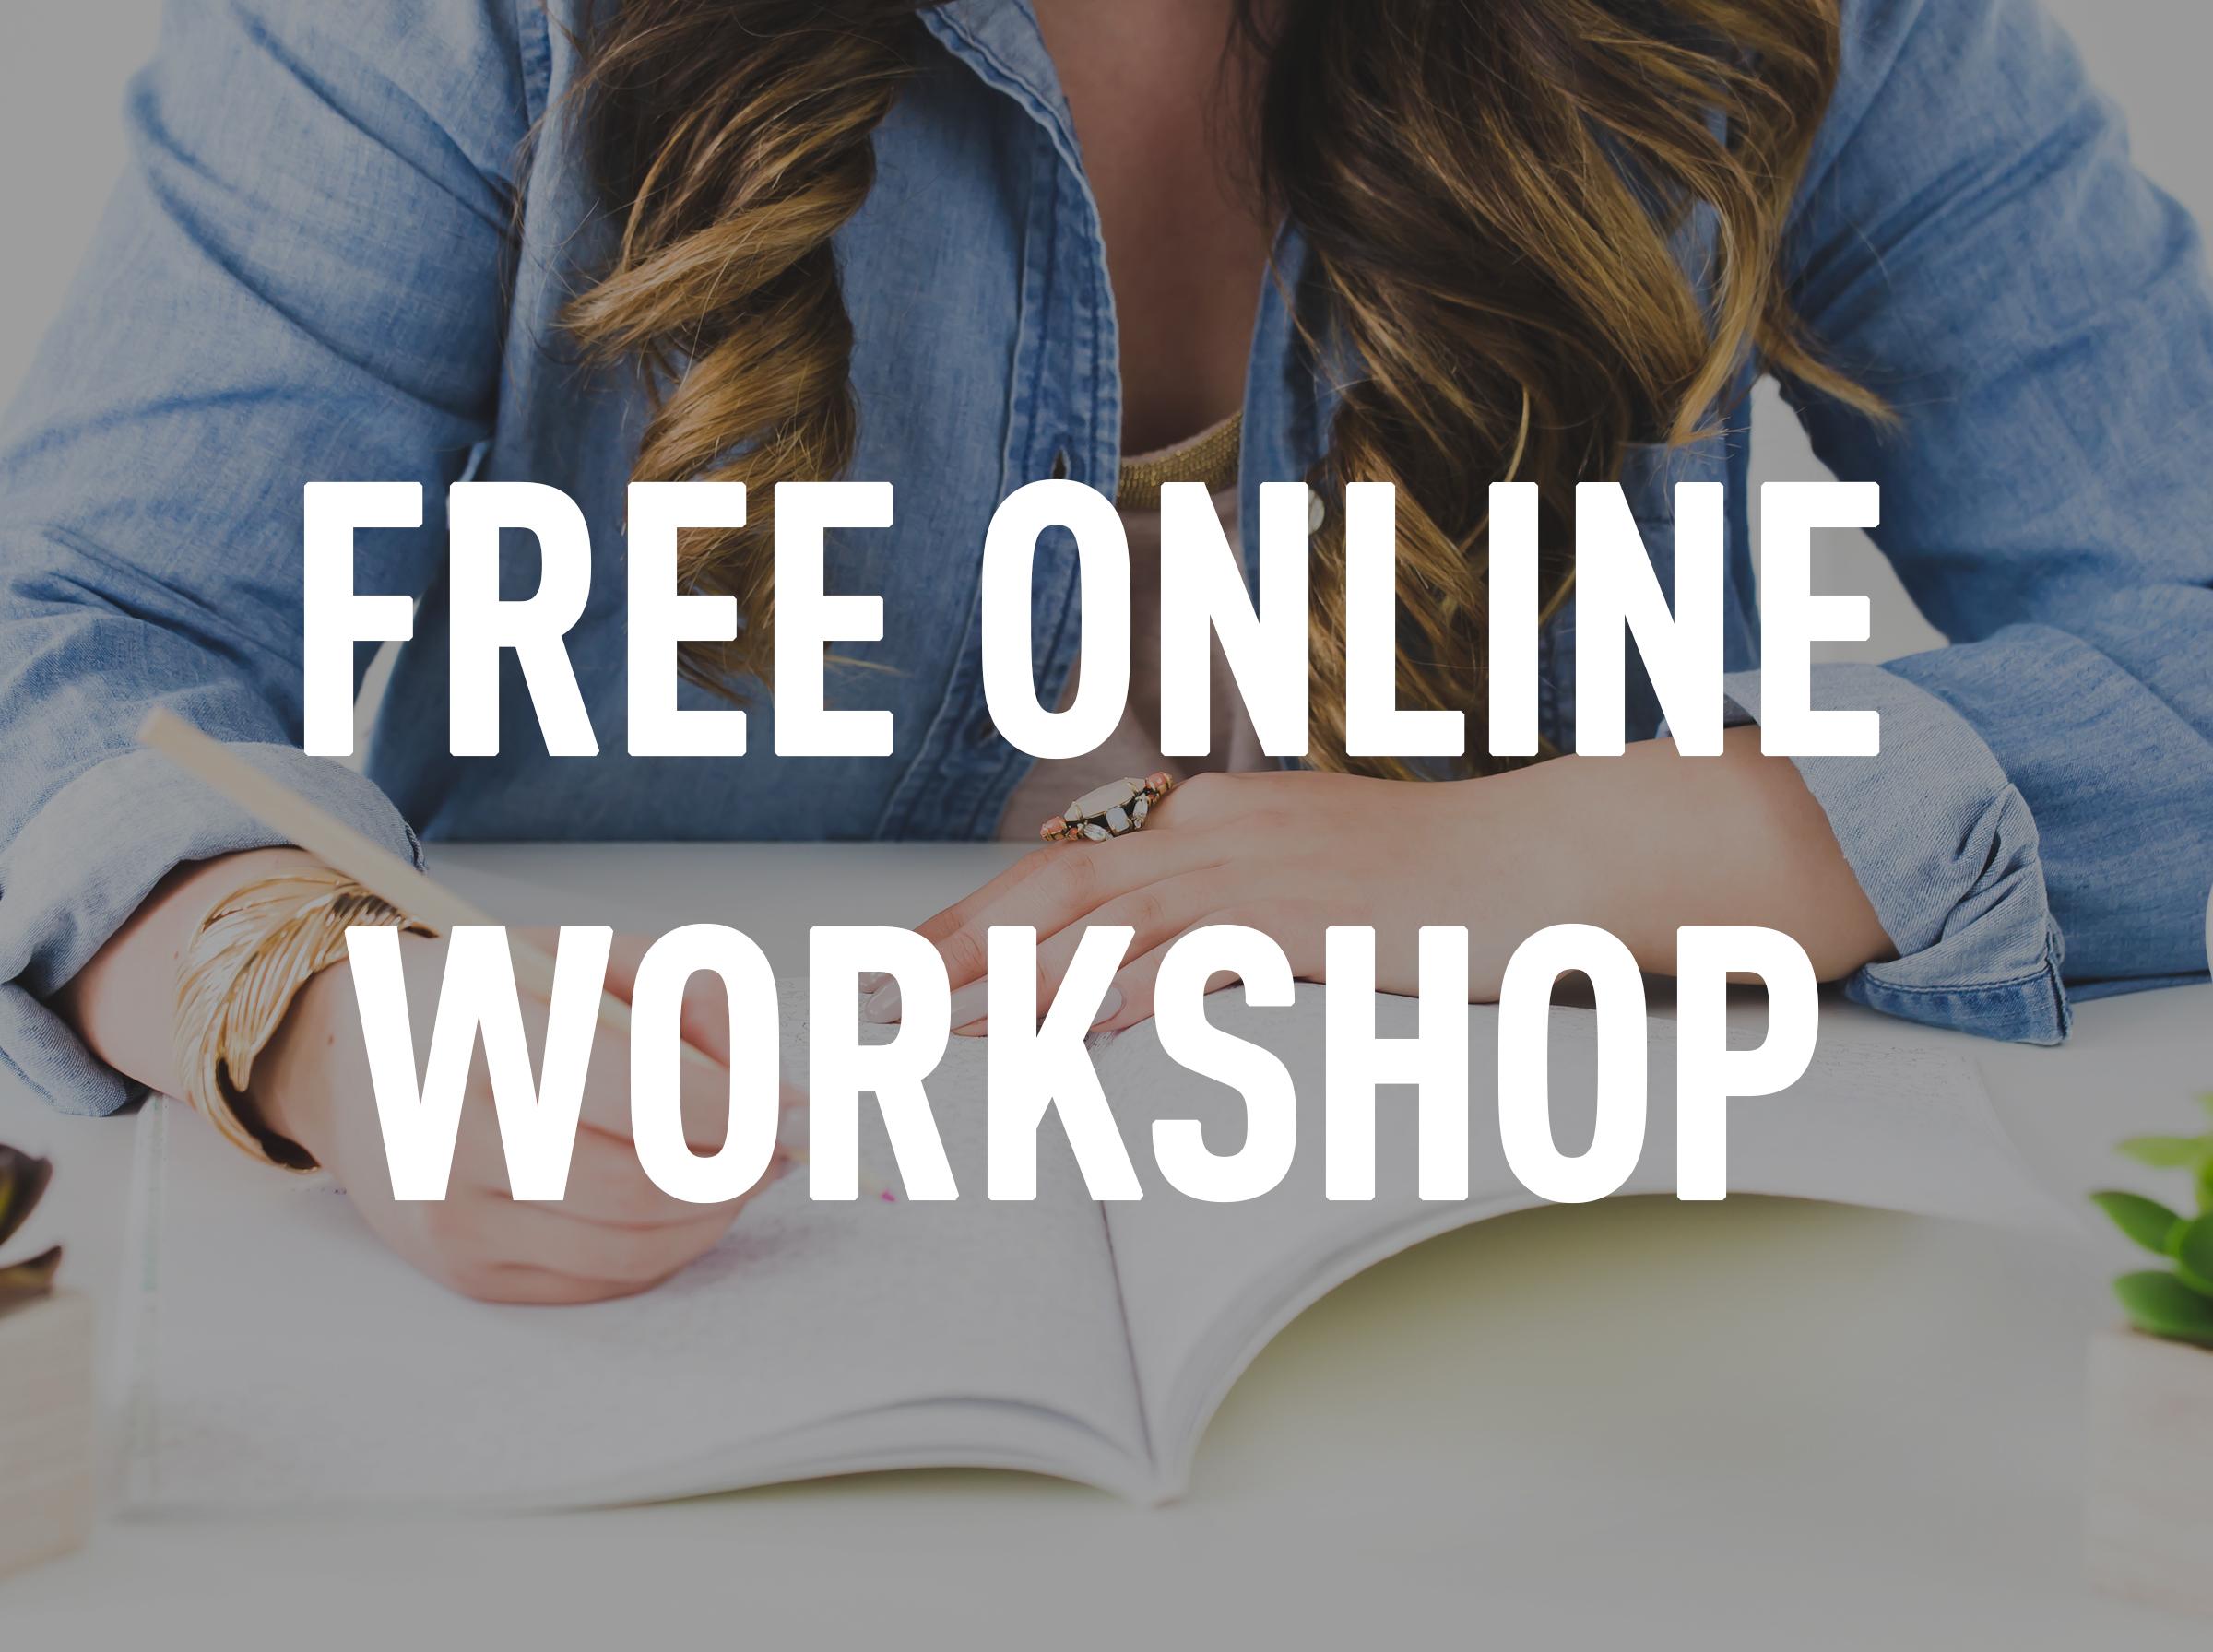 free online workshop.jpg